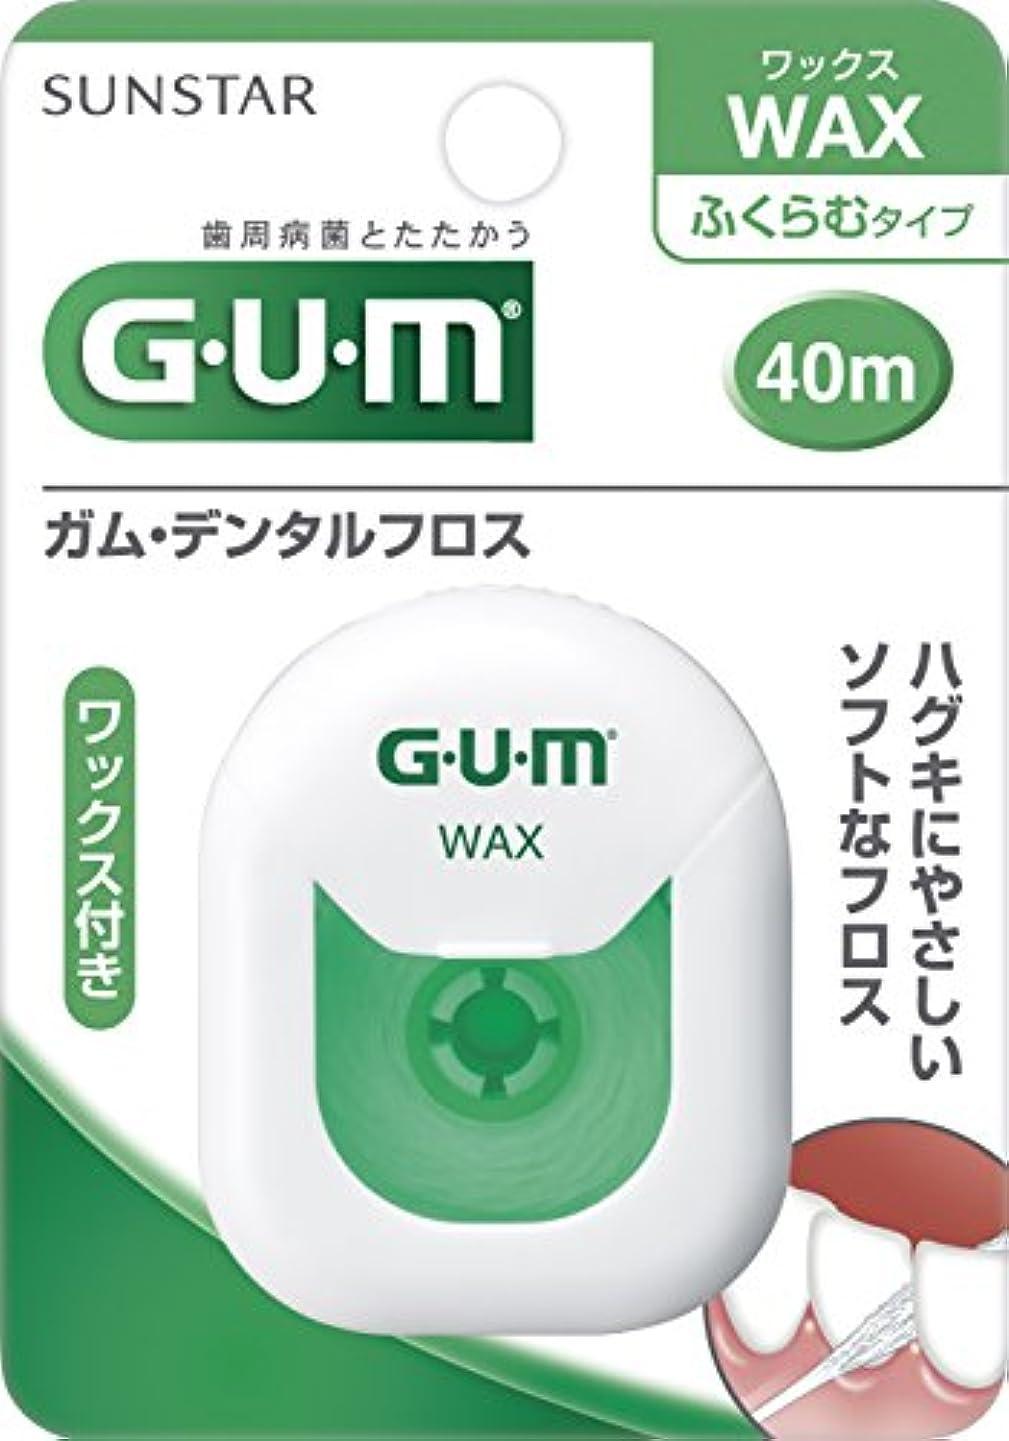 宿泊施設非武装化細胞GUM(ガム)?デンタルフロス (ワックス) 40m